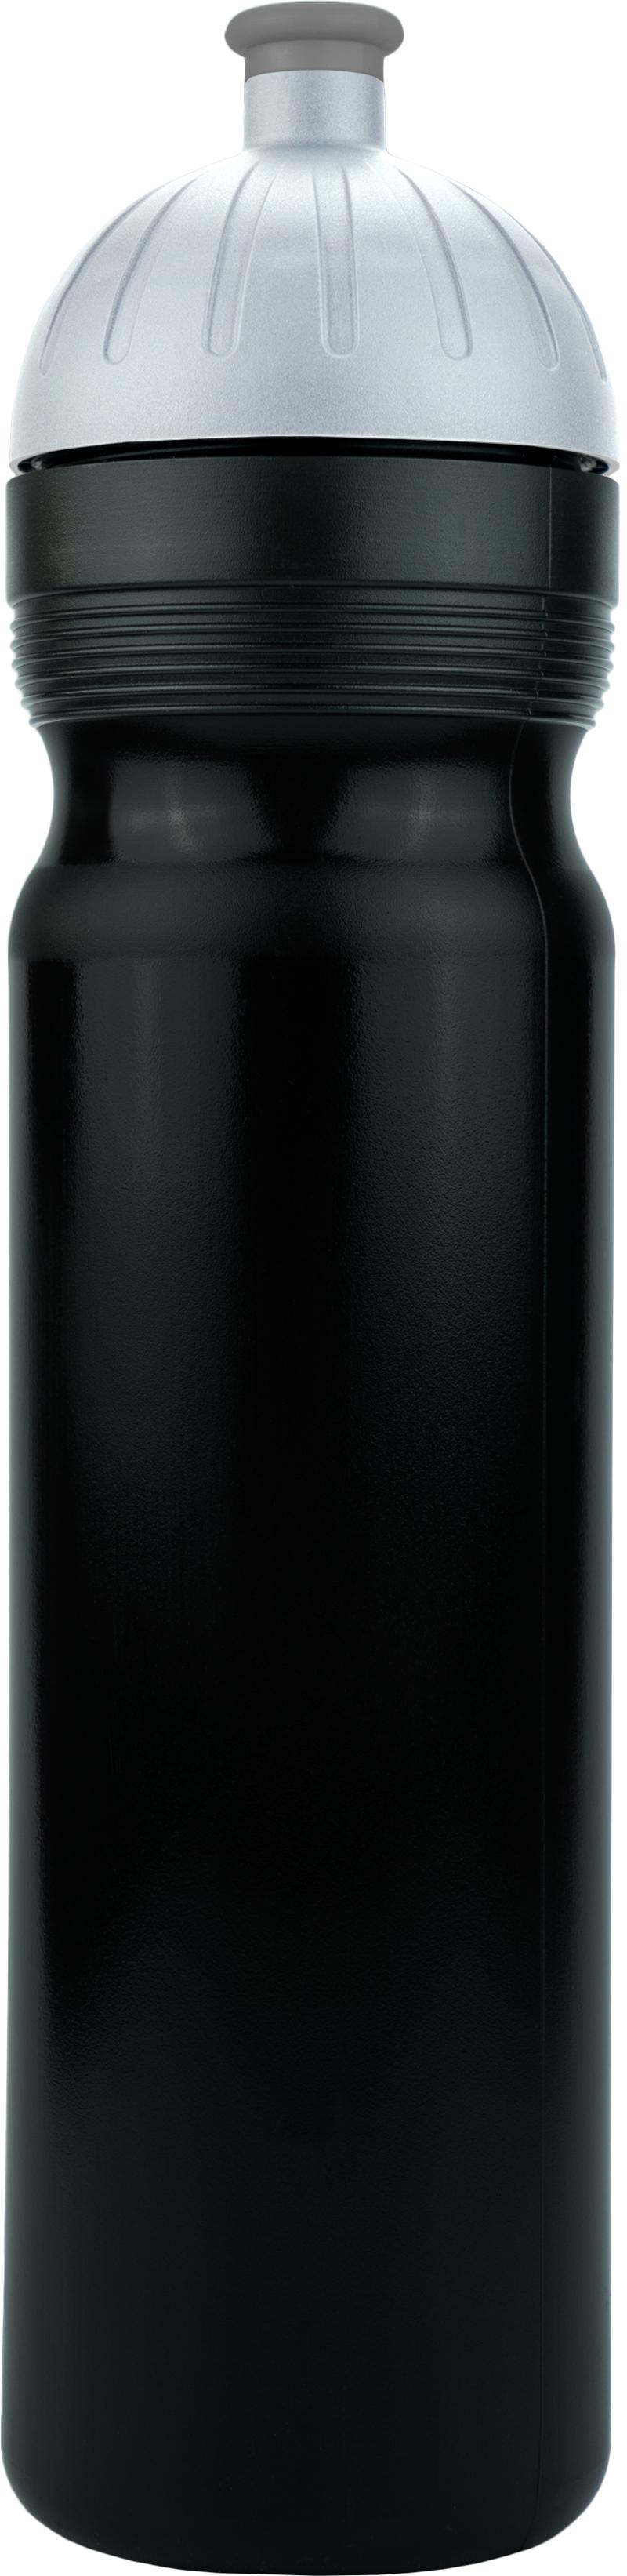 FreeWater lahev 1,0l ČERNÁ, víčko stříbrné